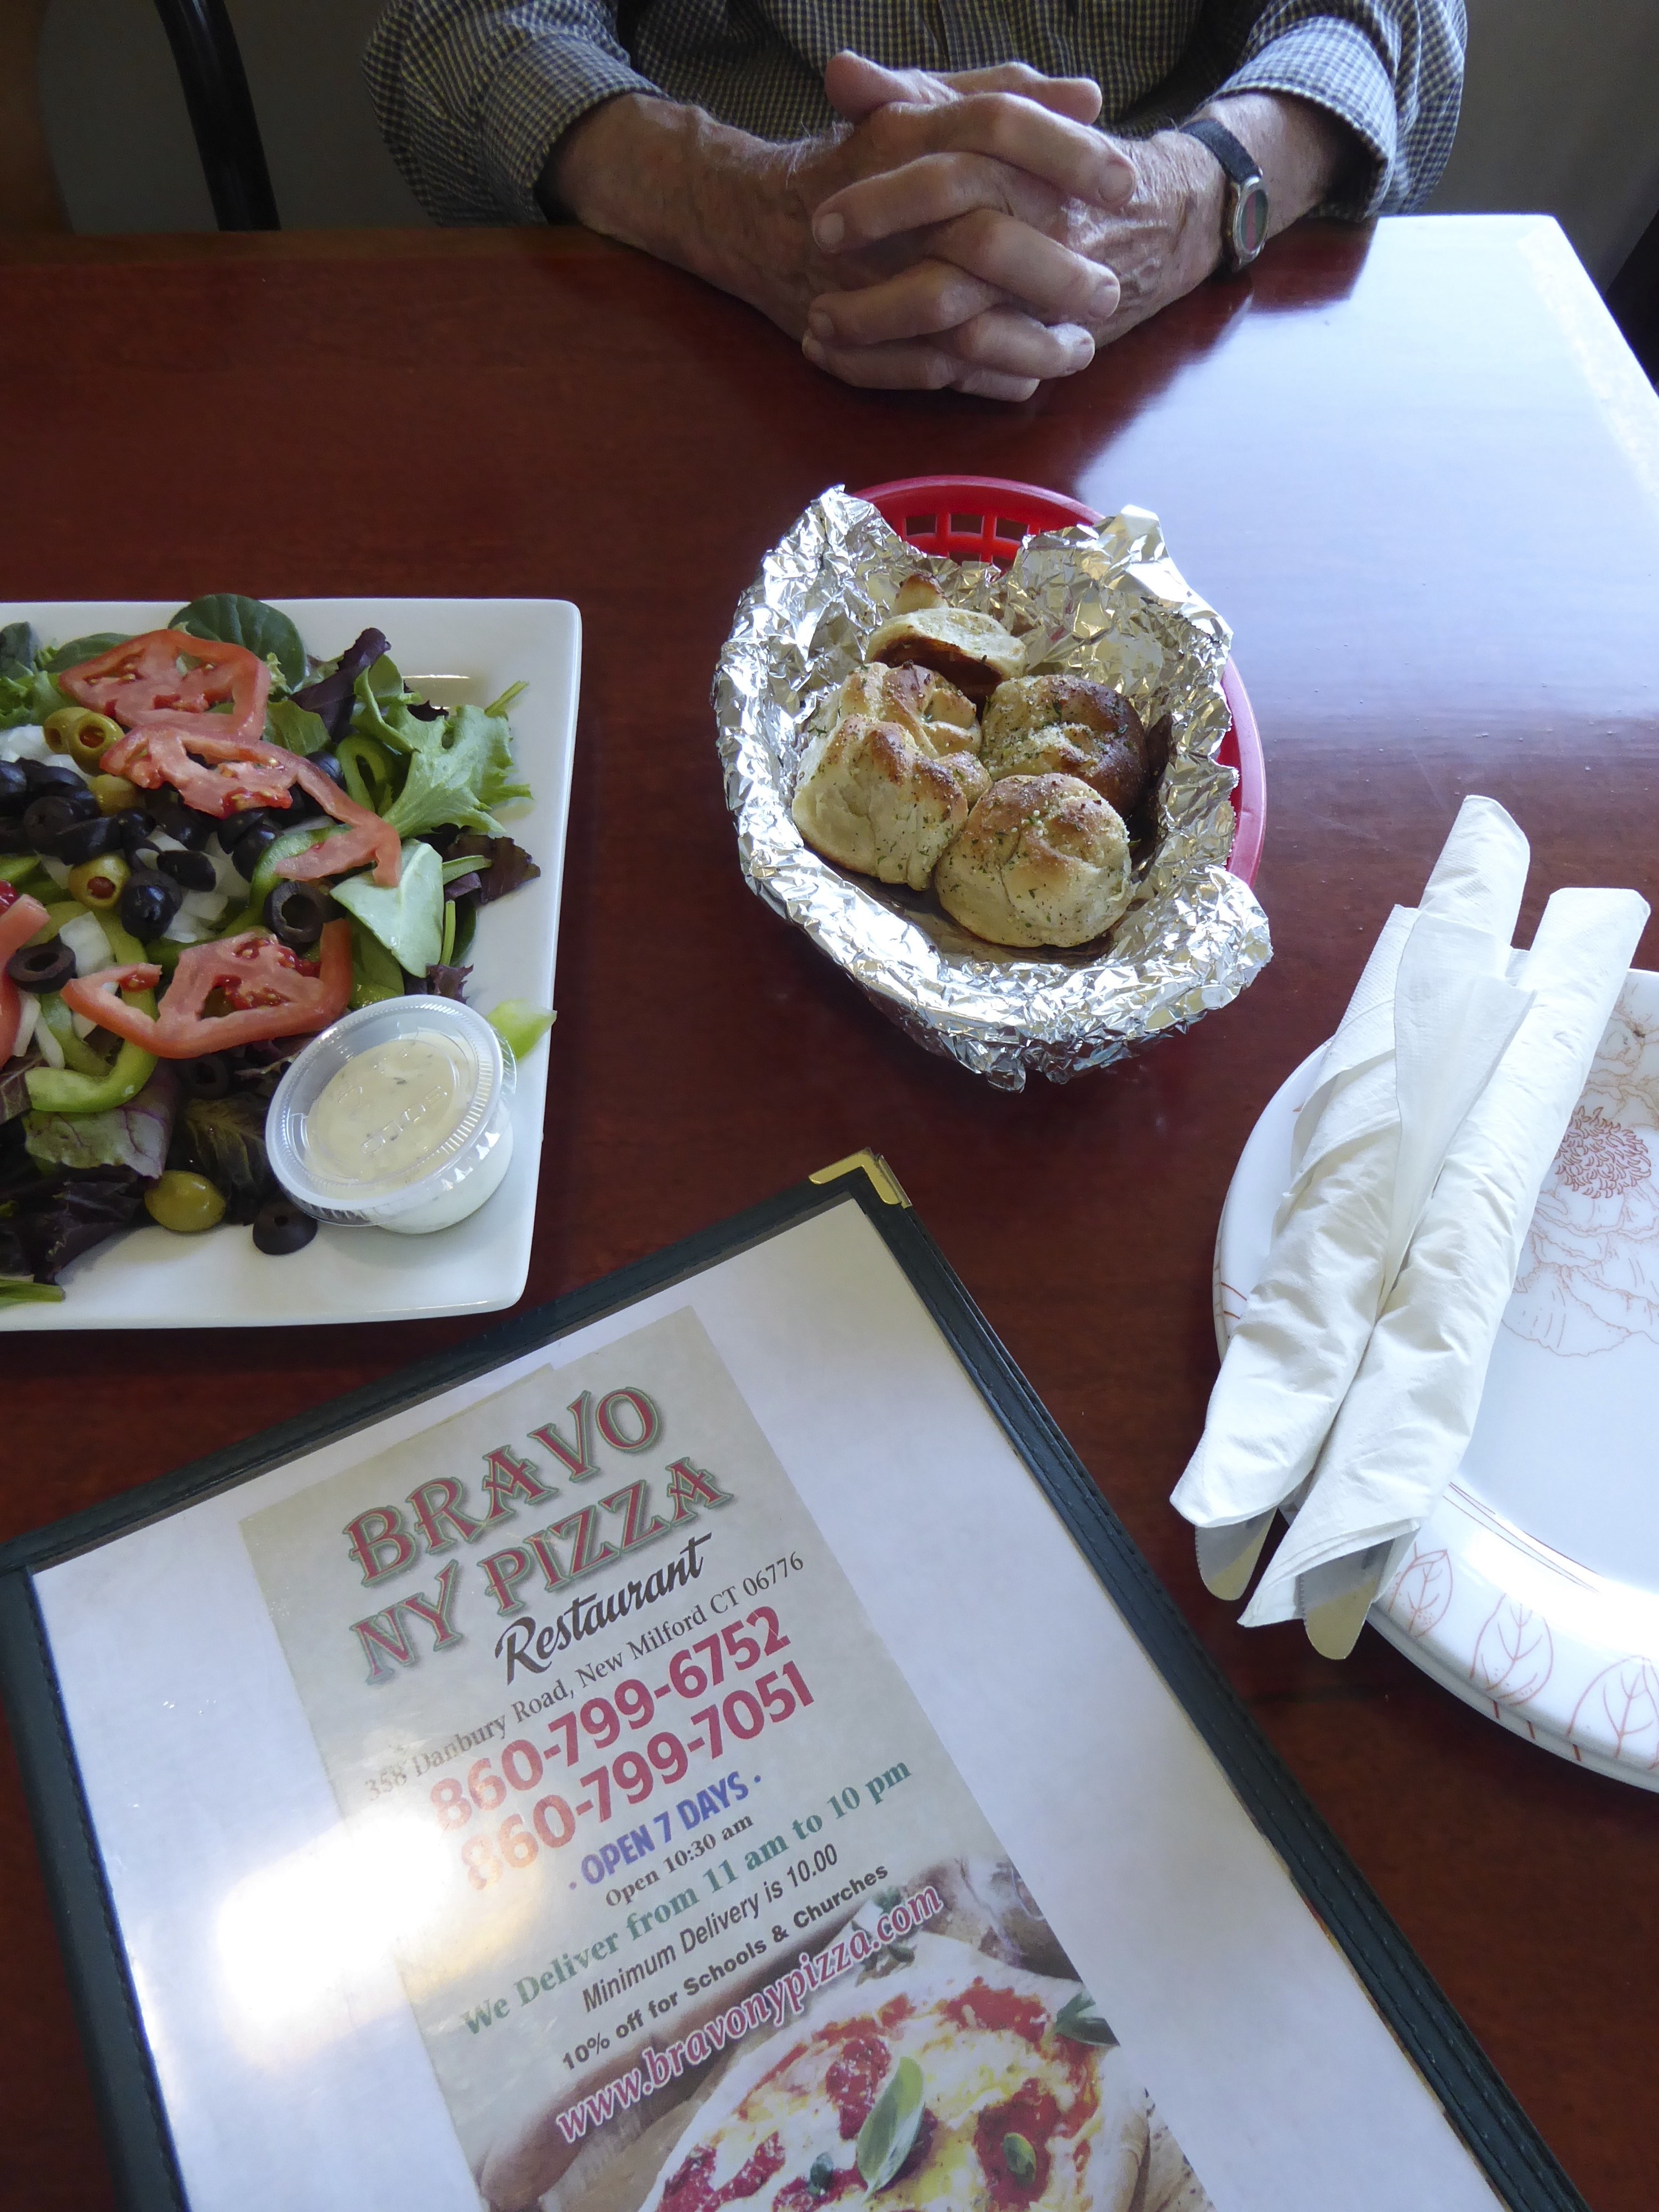 Bravo Ny Pizza, New Milford CT